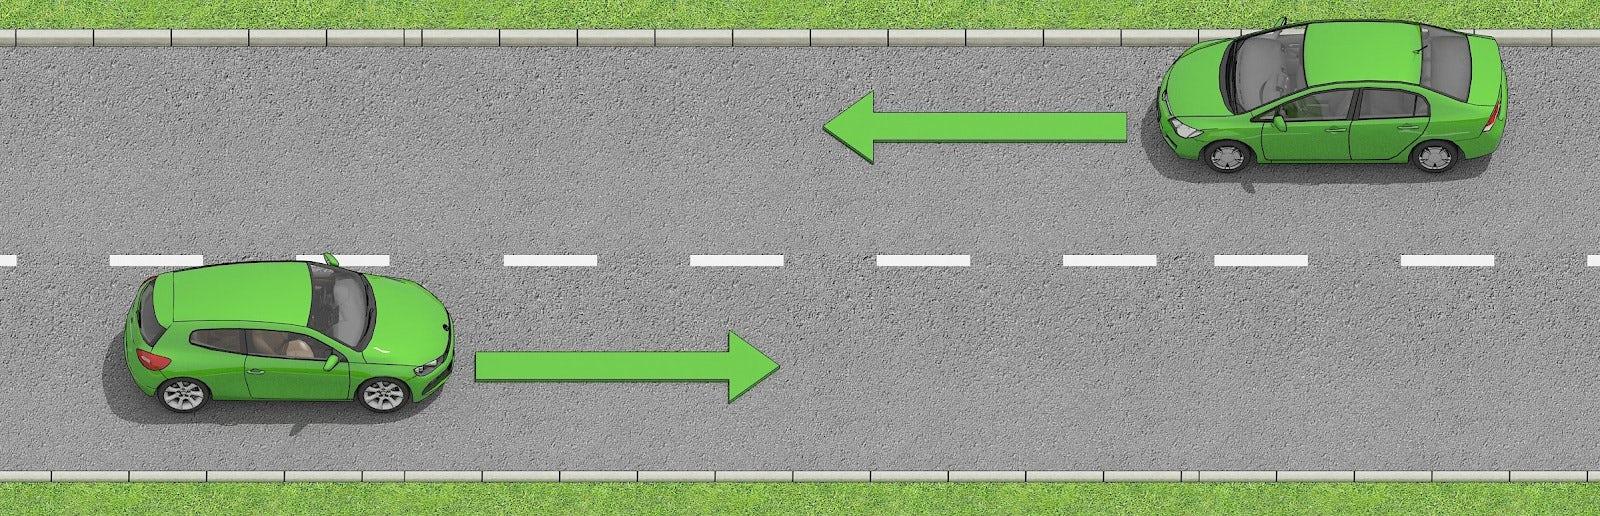 Två bilar möts på en väg där det är en streckad mittlinjer som separerar körfälten.